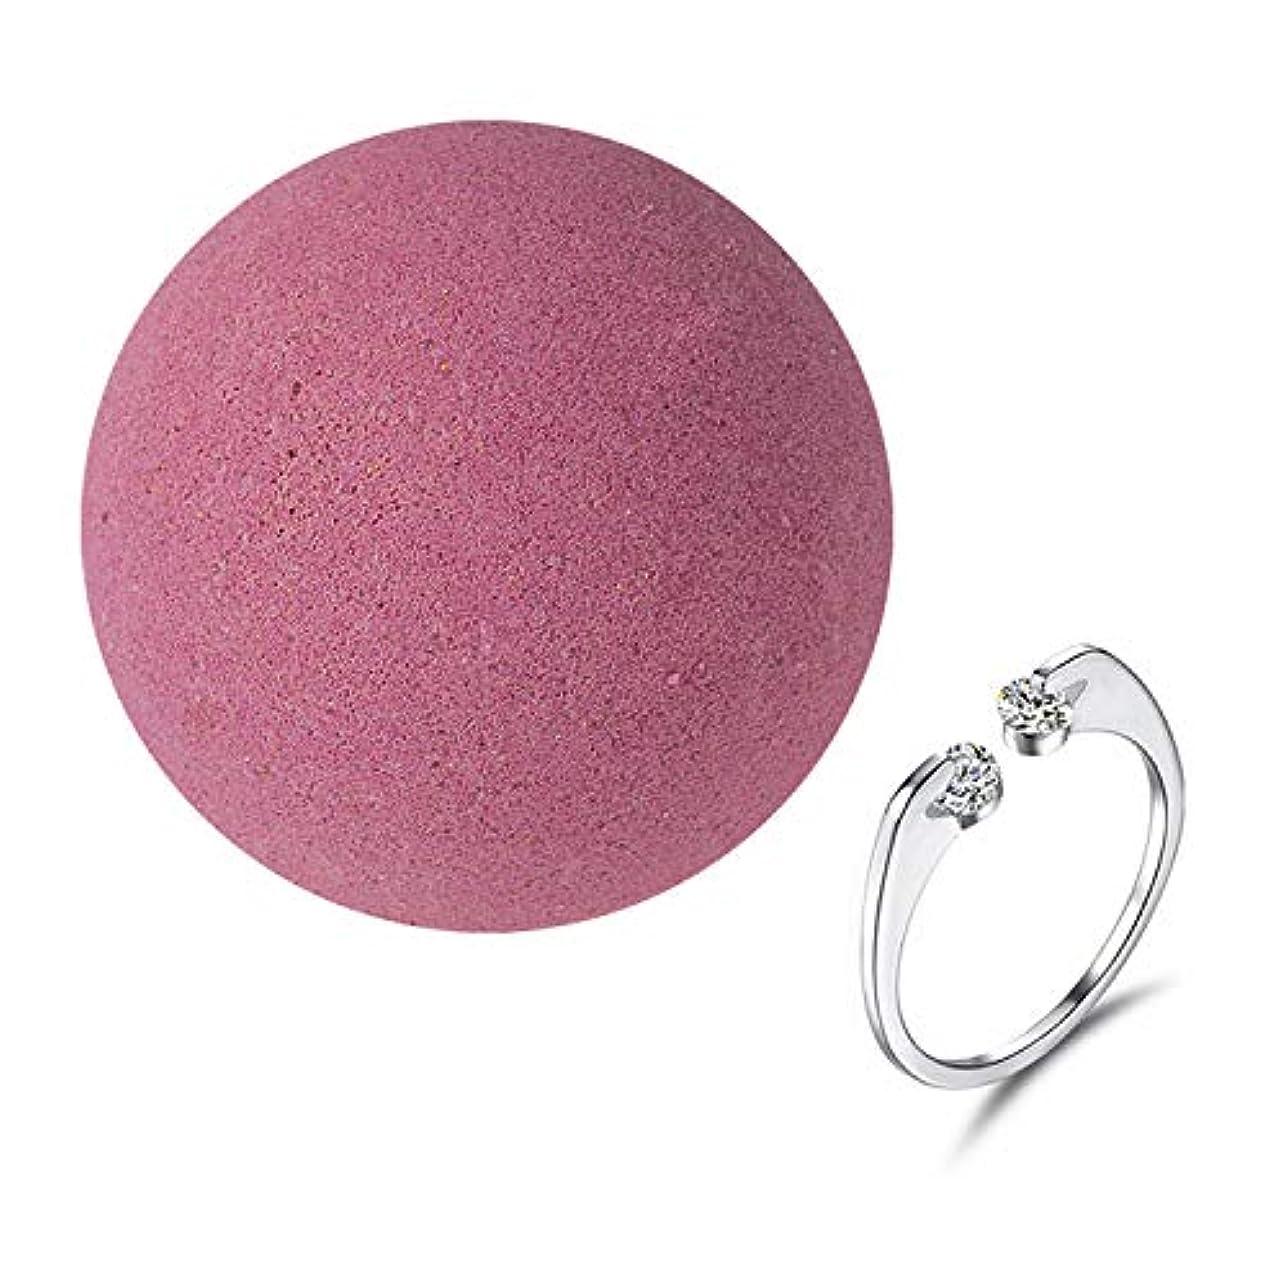 タンク年常に女性のための女性の女の子のためのリング内部とナチュラルSPAバスソルト爆弾女性の贈り物は、乾燥した肌のストレス緩和柔らかいケラチンボディリラックスピンク